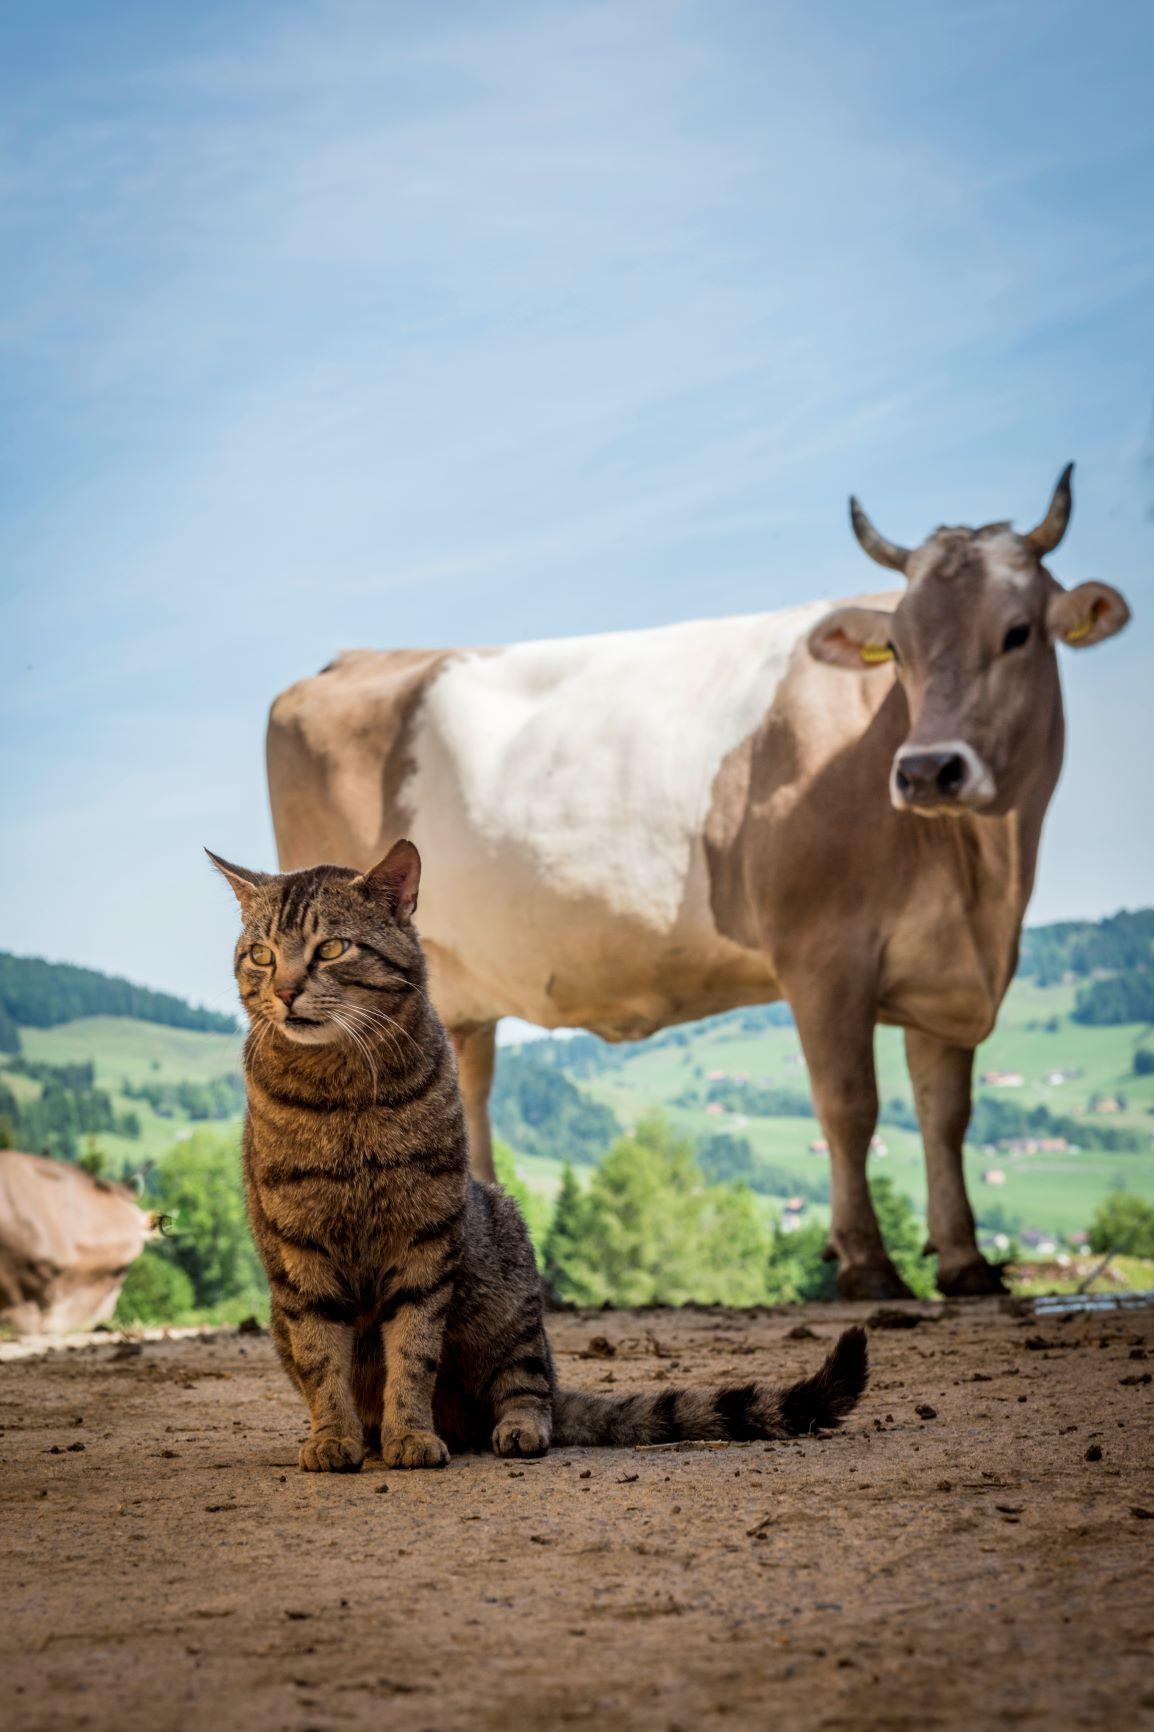 Lillybeizli_Urnäsch_Kuh & Katze